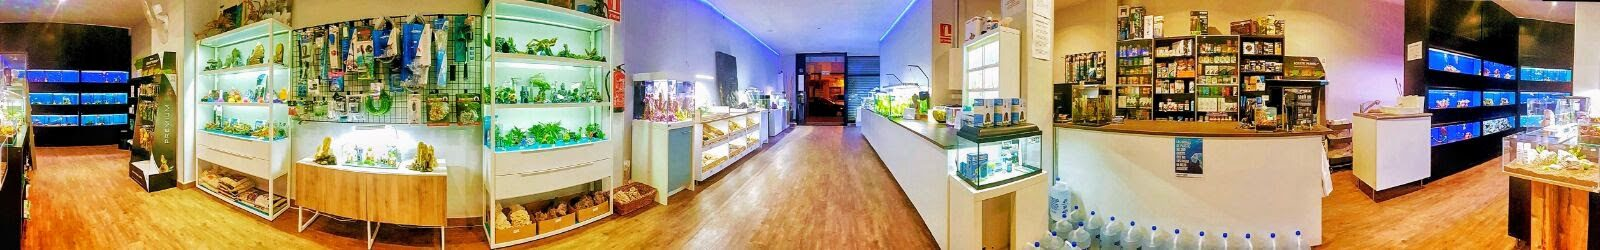 Panoramica tienda acuarios AQUAZEN